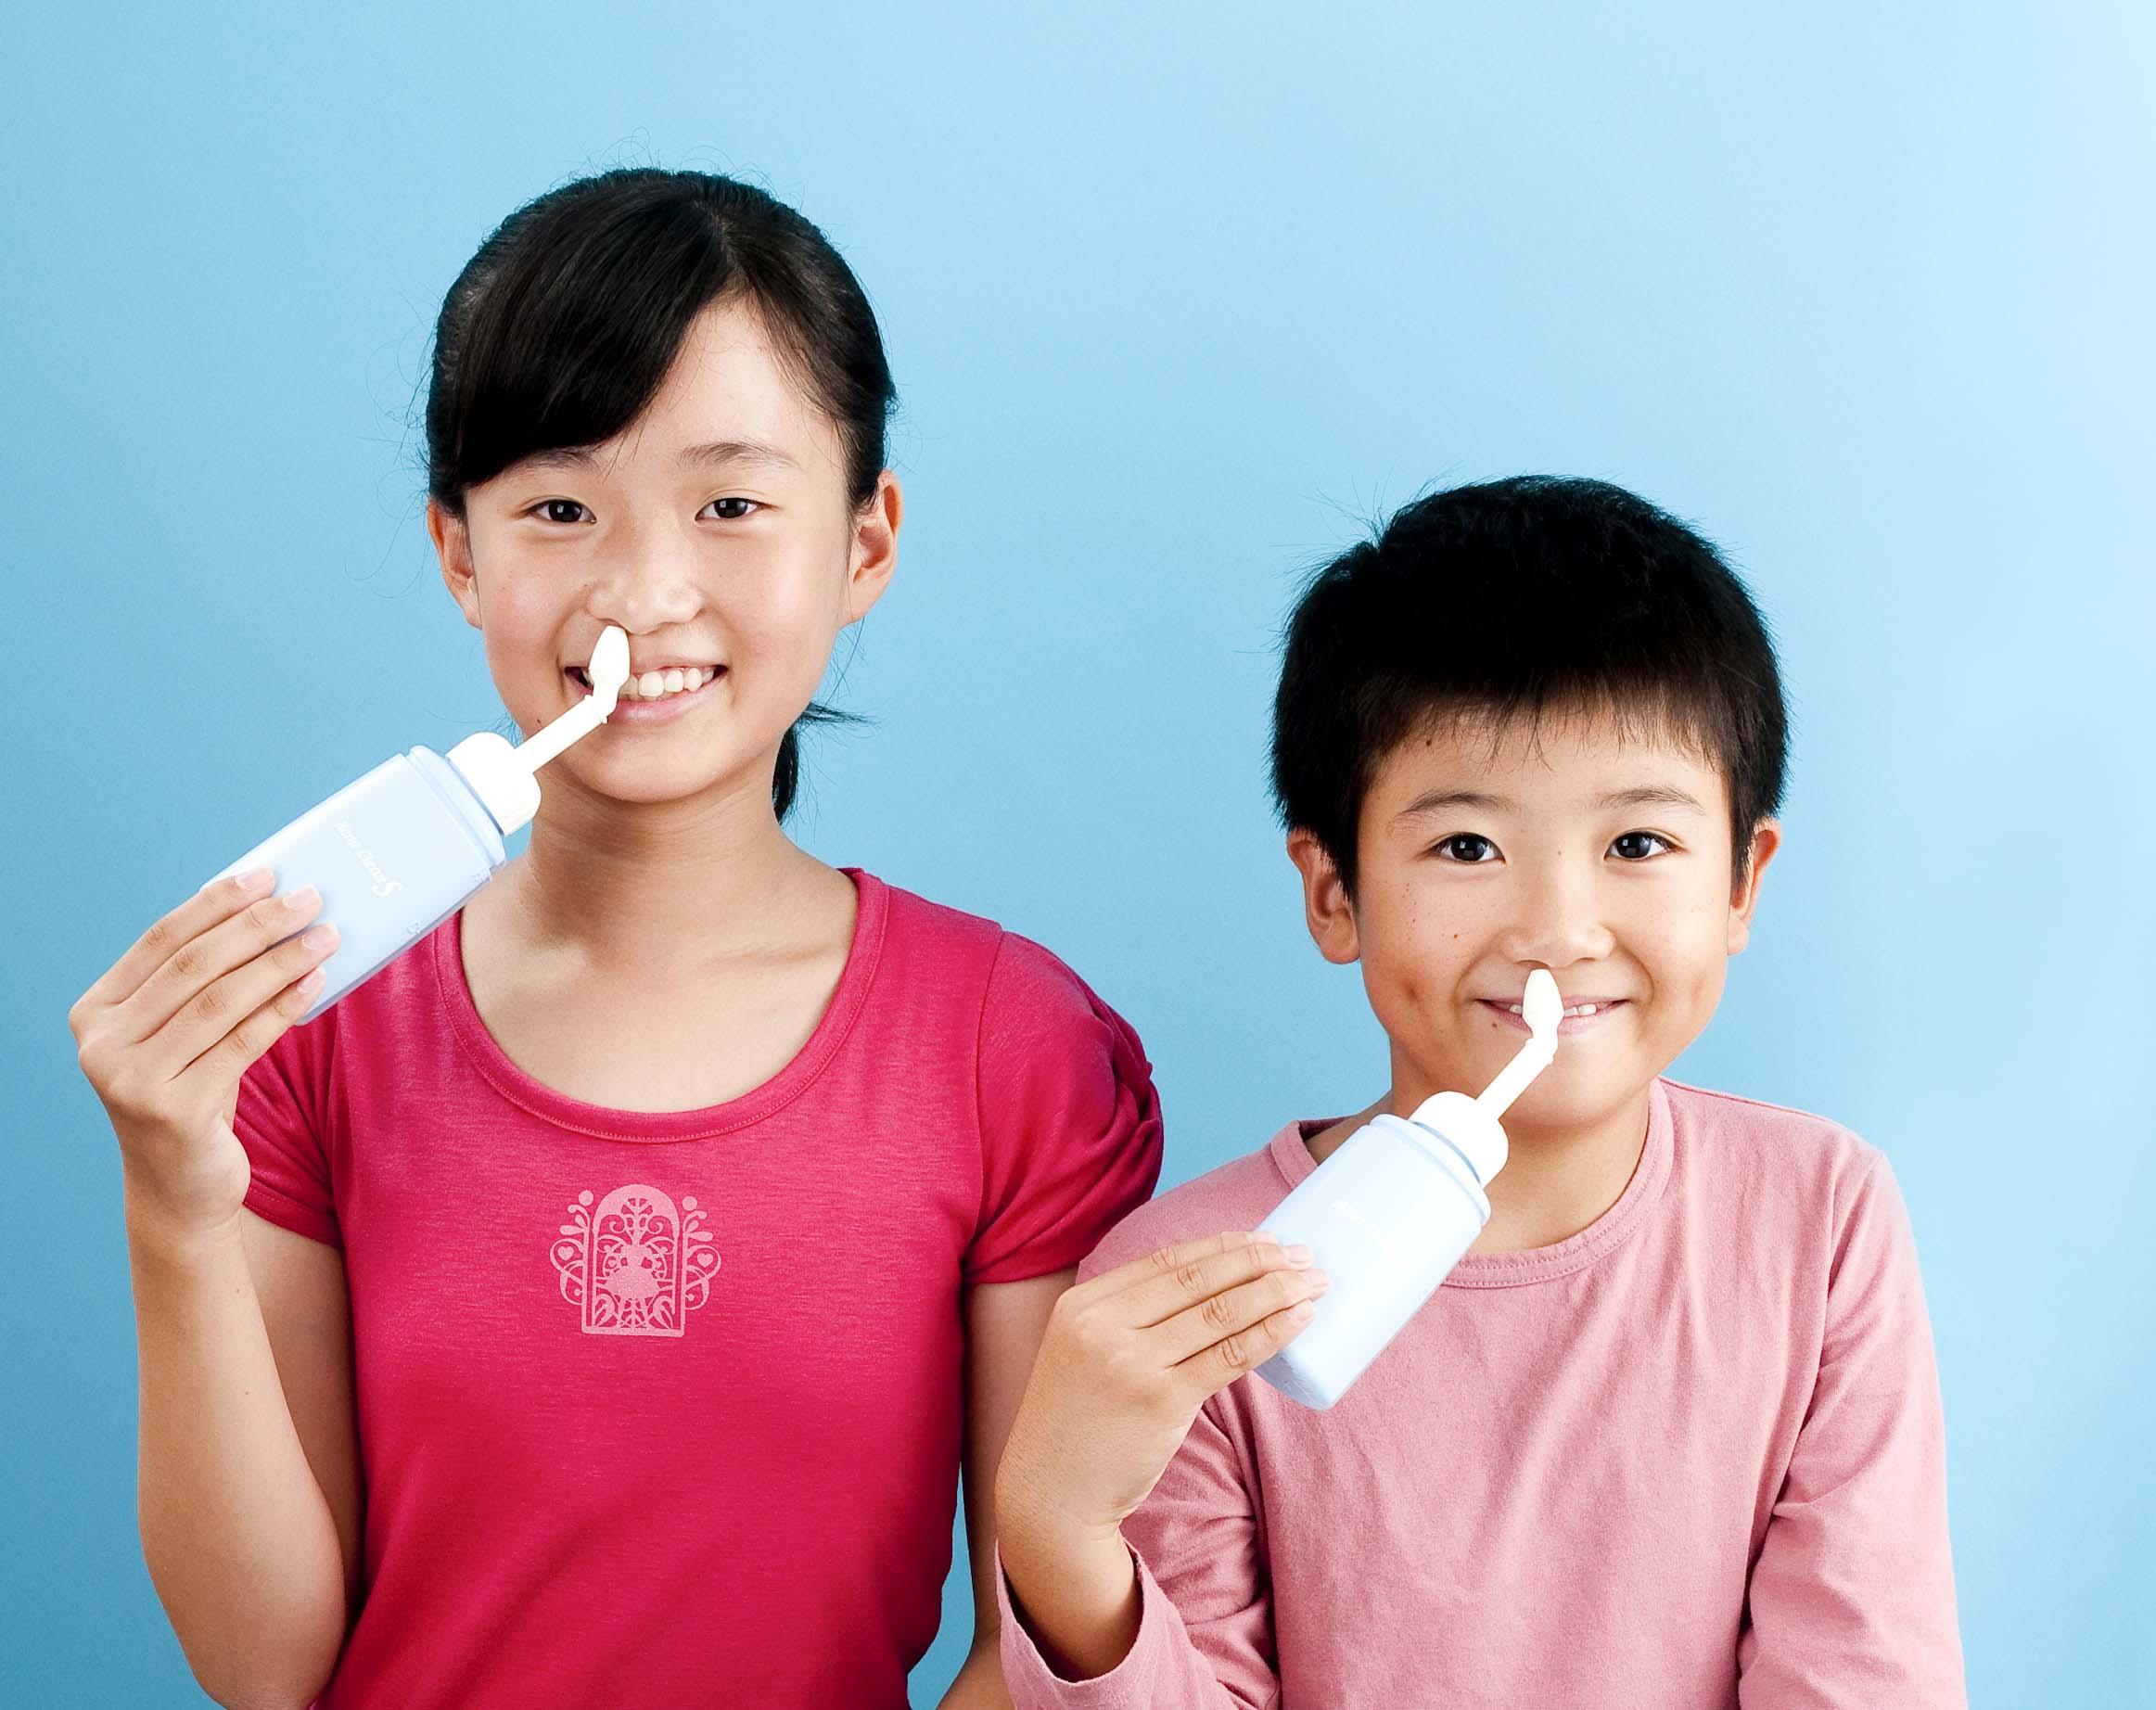 ハナクリーンS使用イメージ-男の子+女の子・青-【圧縮】